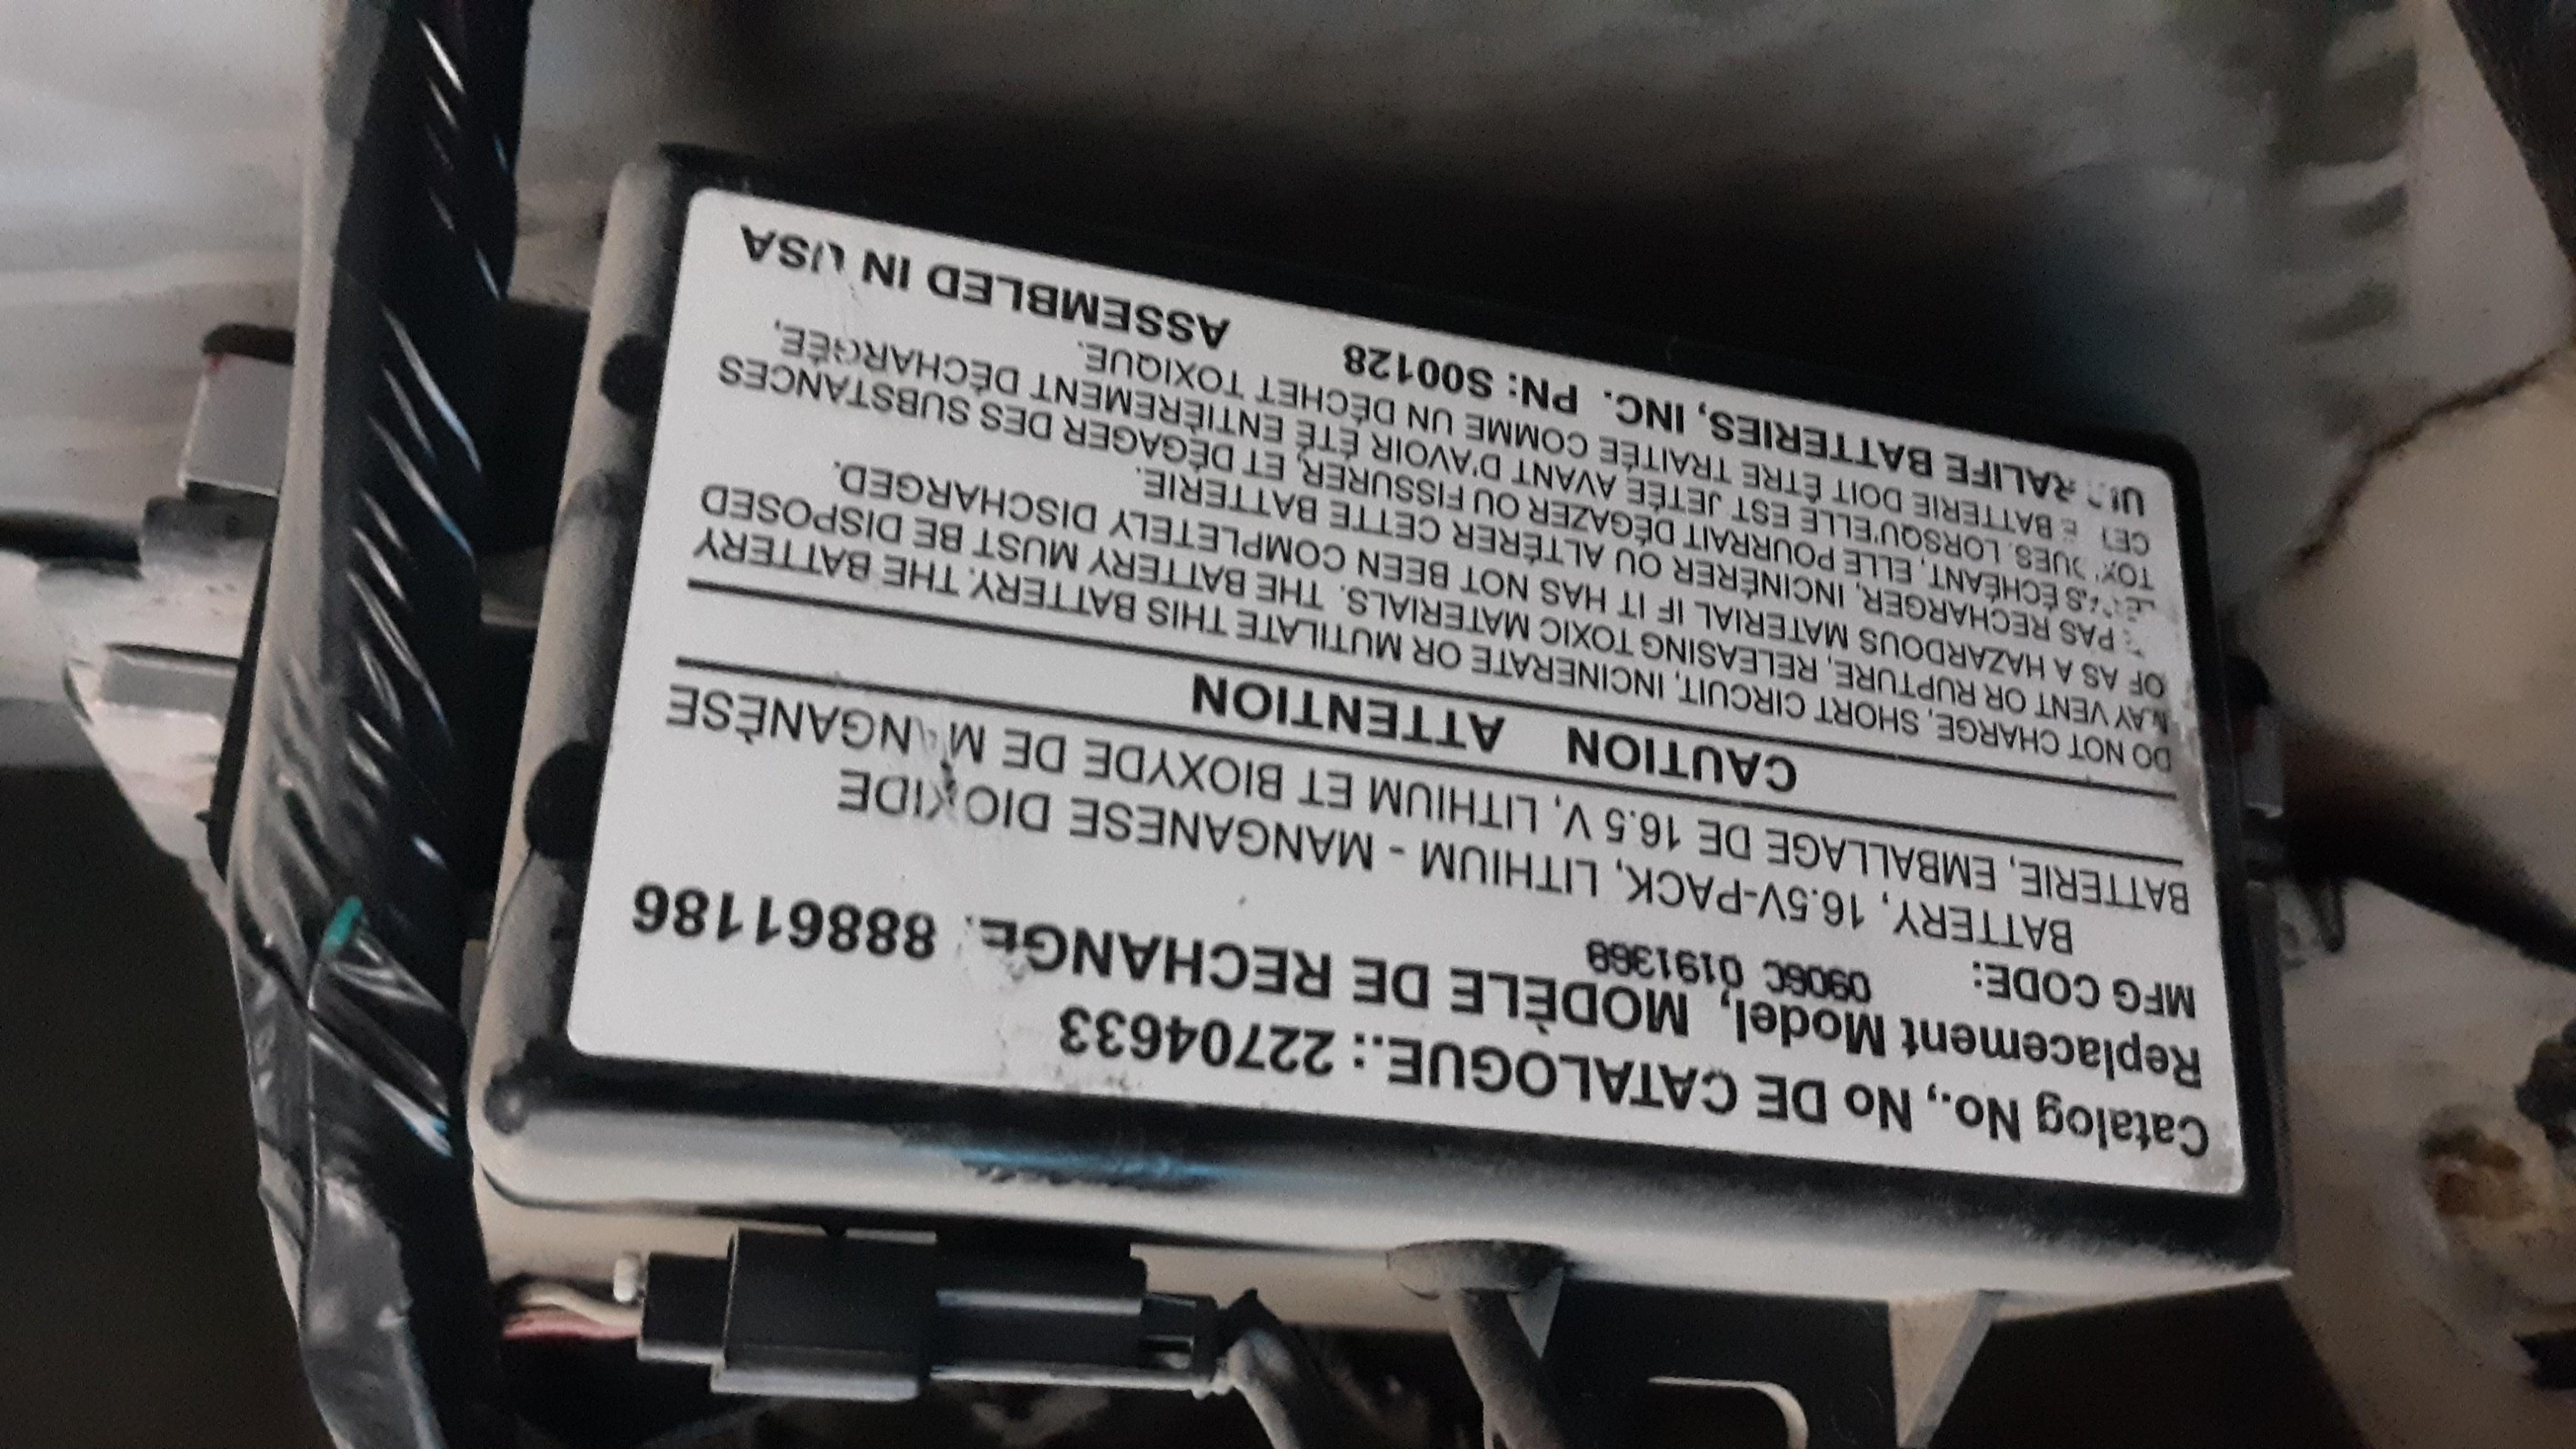 22704633, Battery GM part